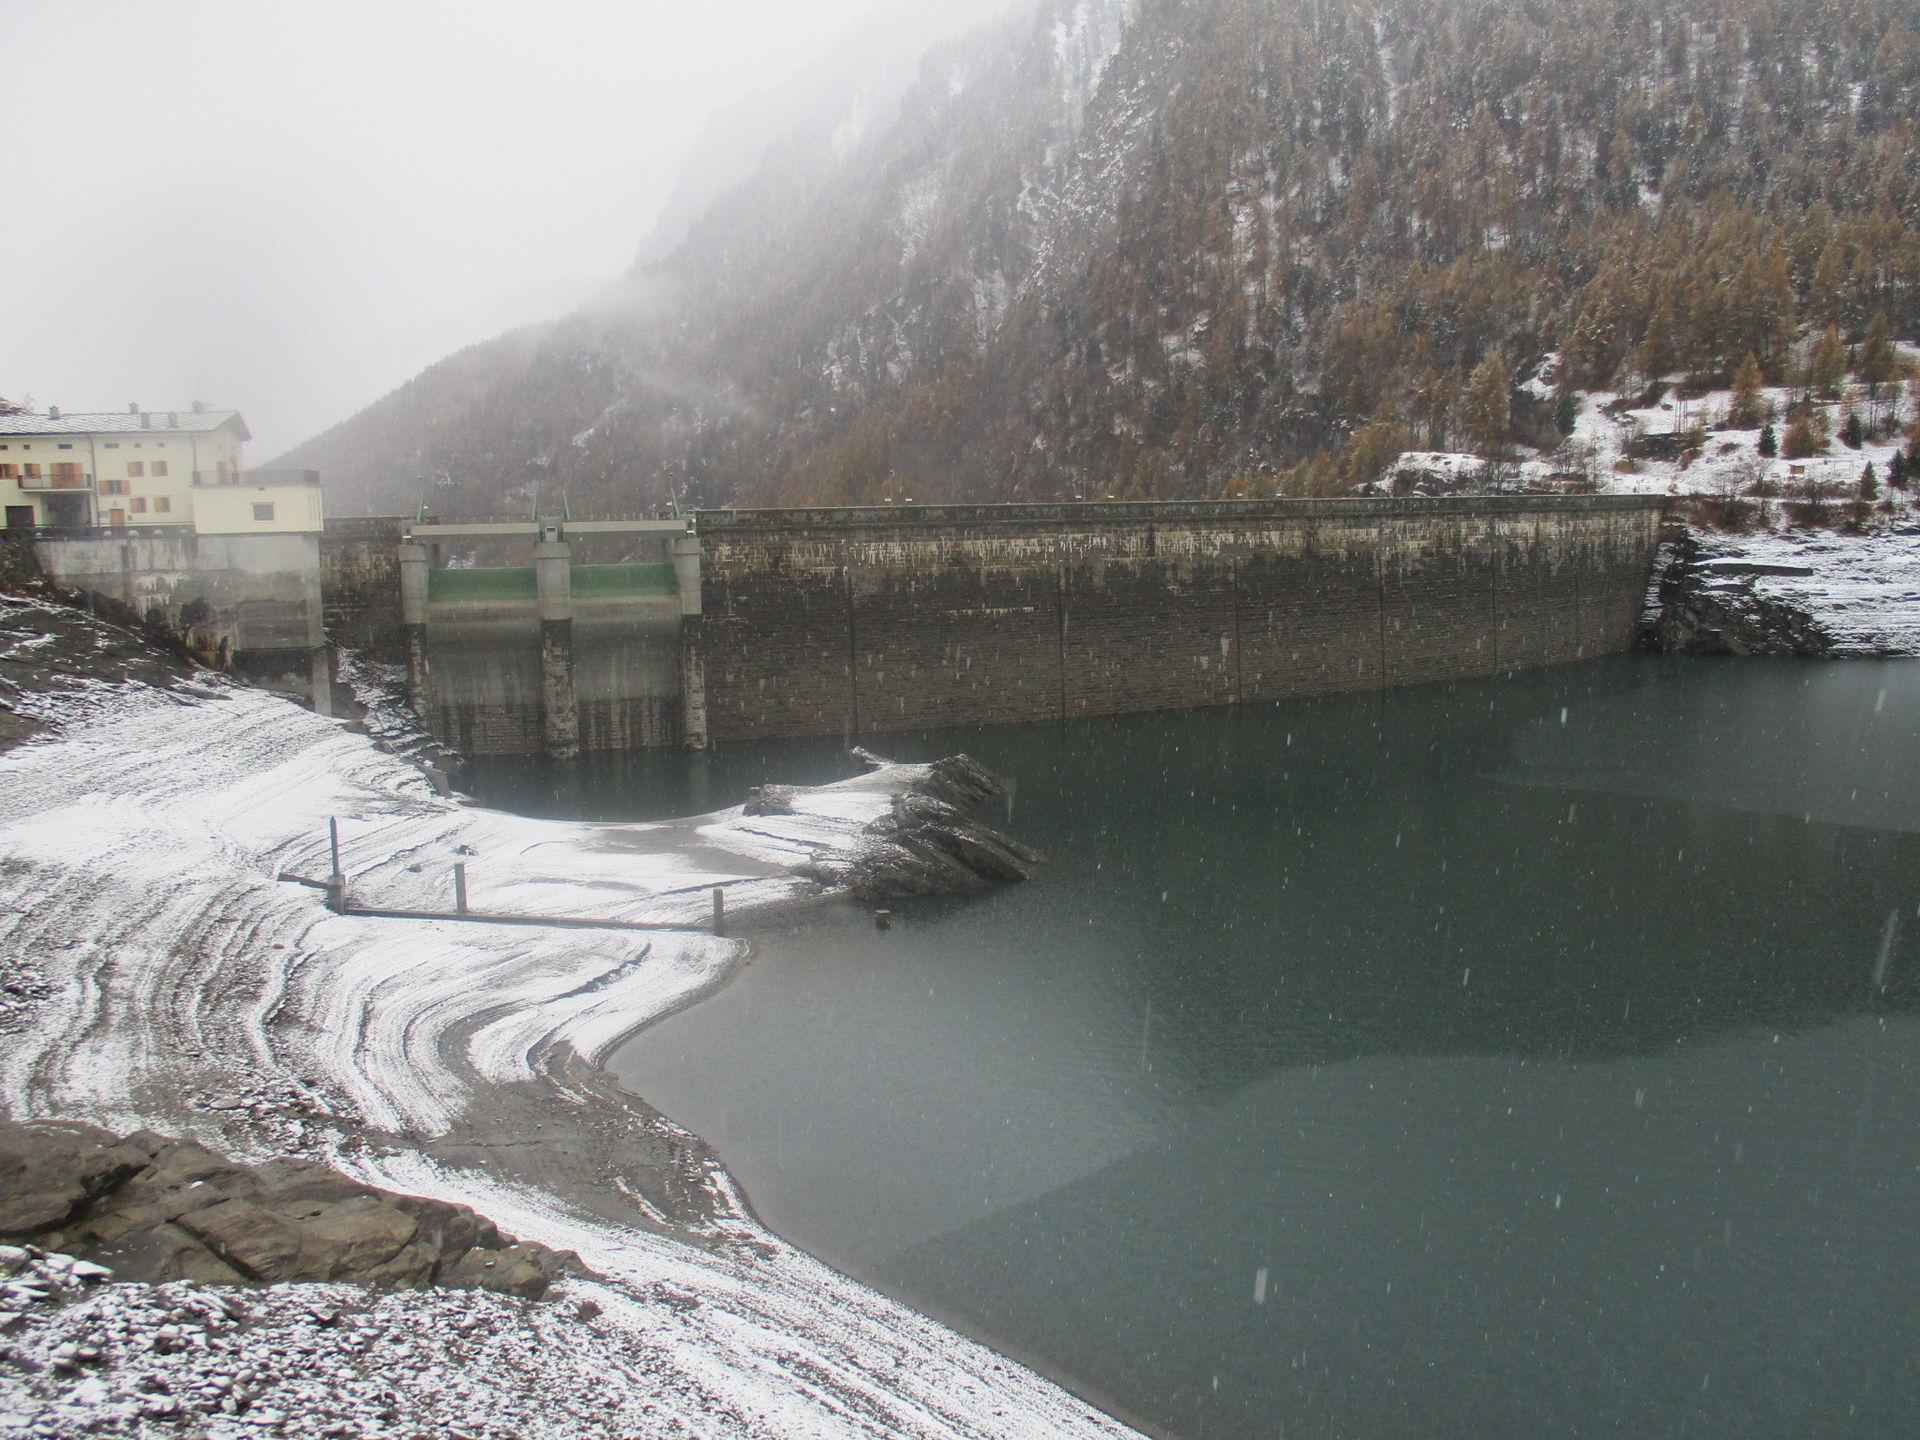 La Guida - Dopo gli incendi, in alta valle Varaita è arrivata la prima neve